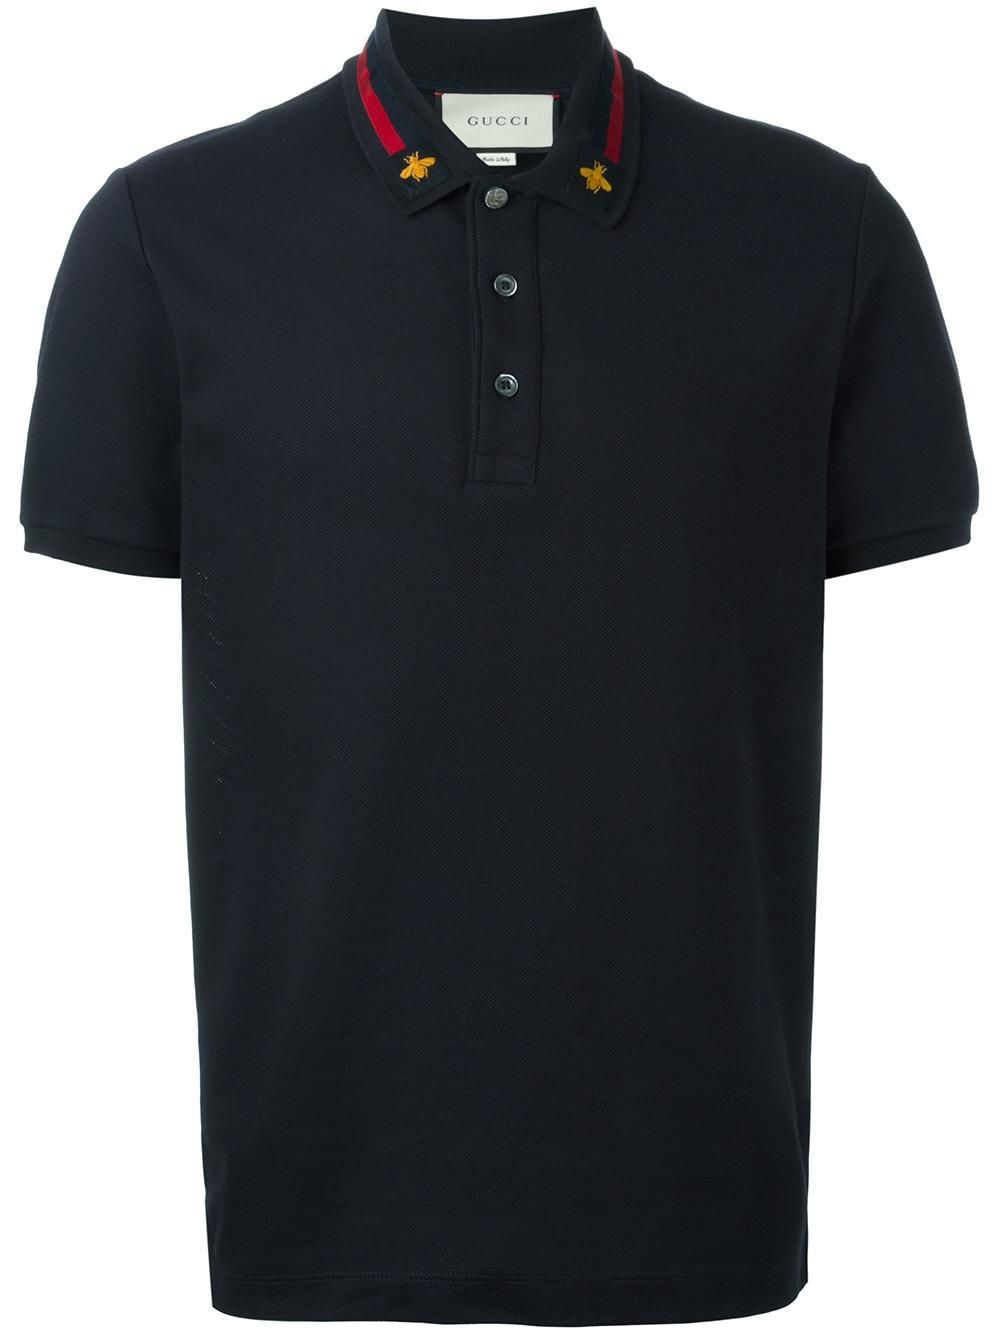 Luxuriöse Mode & Accessoires für Herren 2018. Embroidered Polo ShirtsMen's  ...